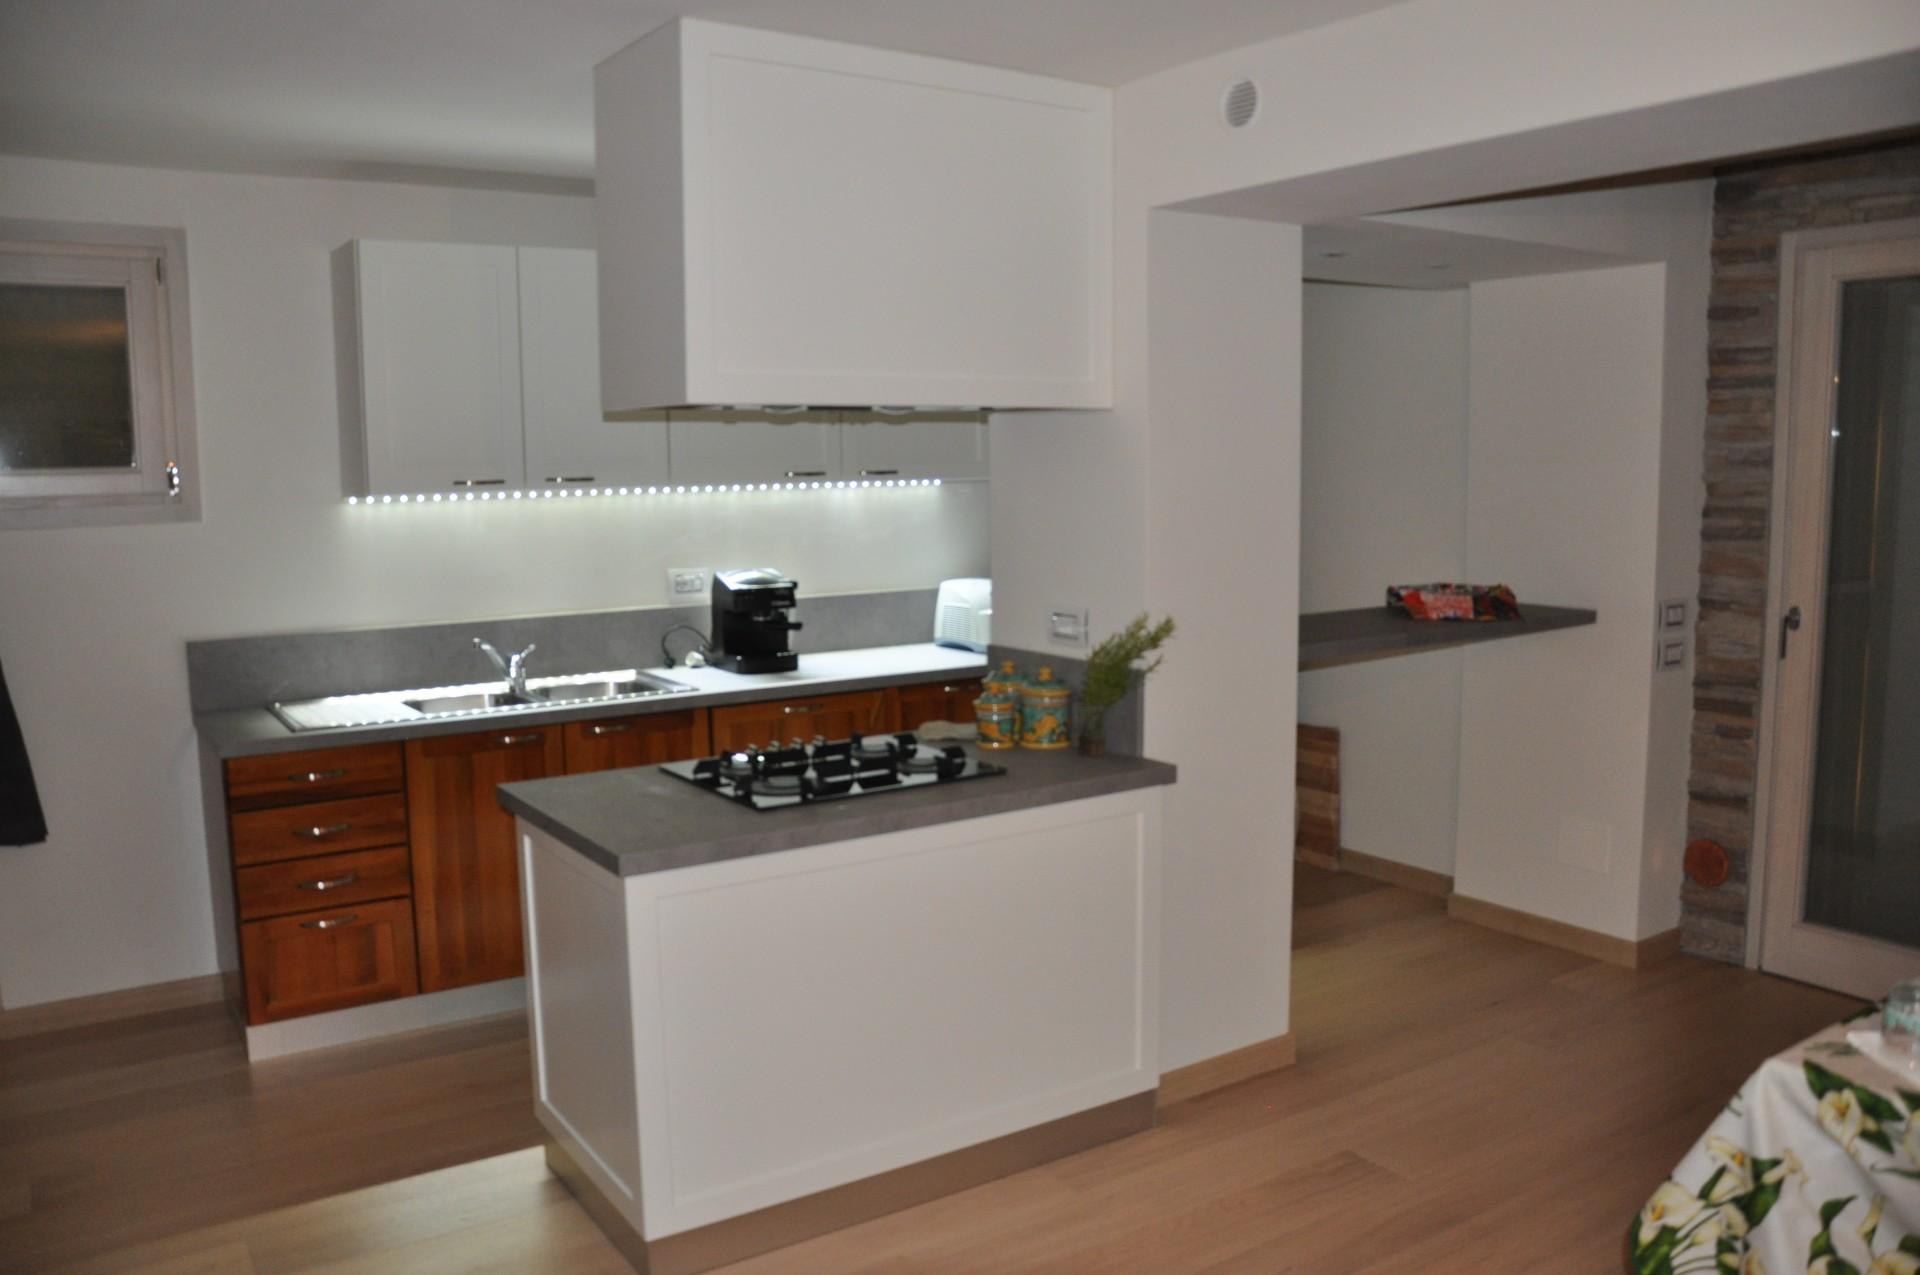 Tavolo e sedie da anninare a cucina ciliegio - Cucine in ciliegio moderne ...